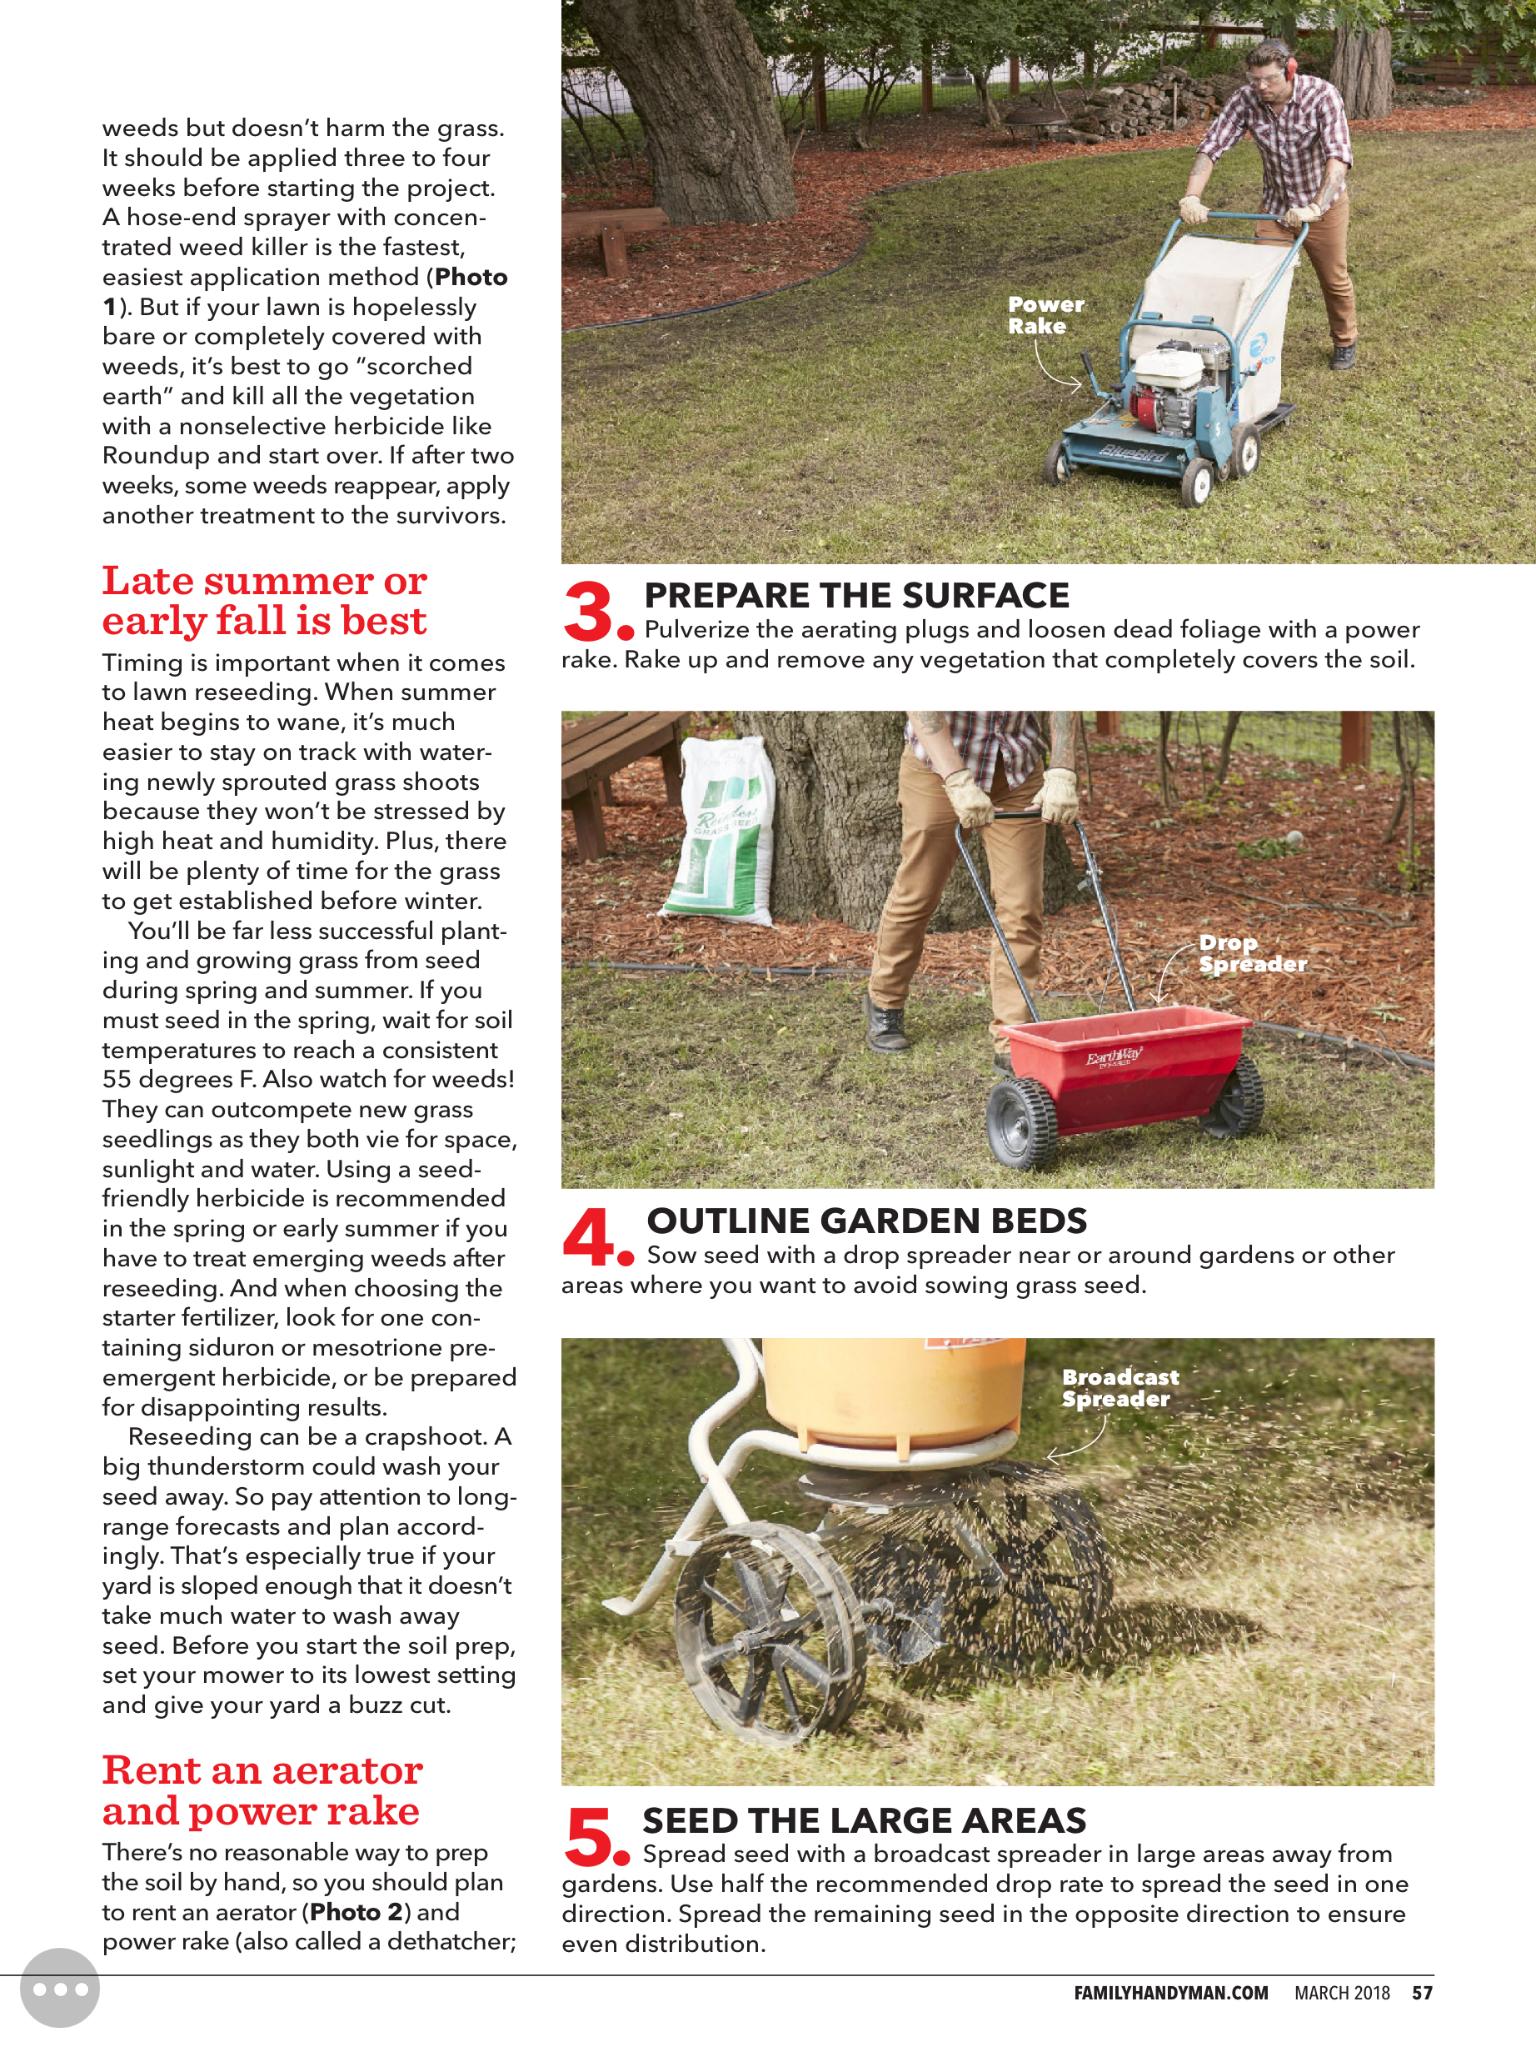 Lawn Restoration 3 Of 5 With Images Lawn Restoration Herbicide Vegetation